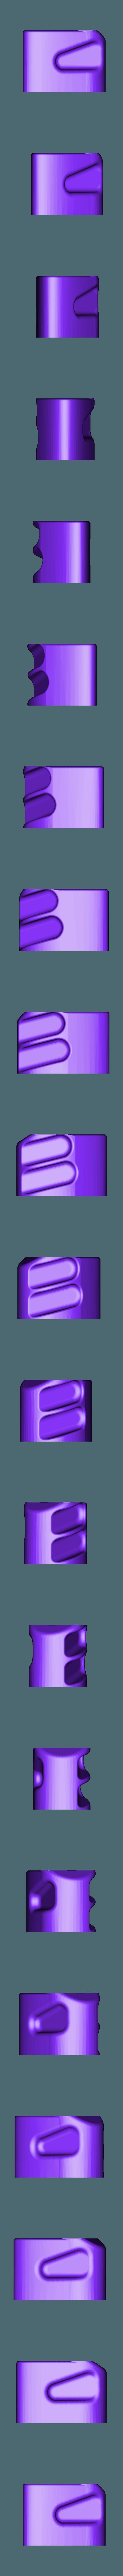 SUPPORT RASOIR2.STL Download free STL file Shaver support • 3D printer design, YAN-D